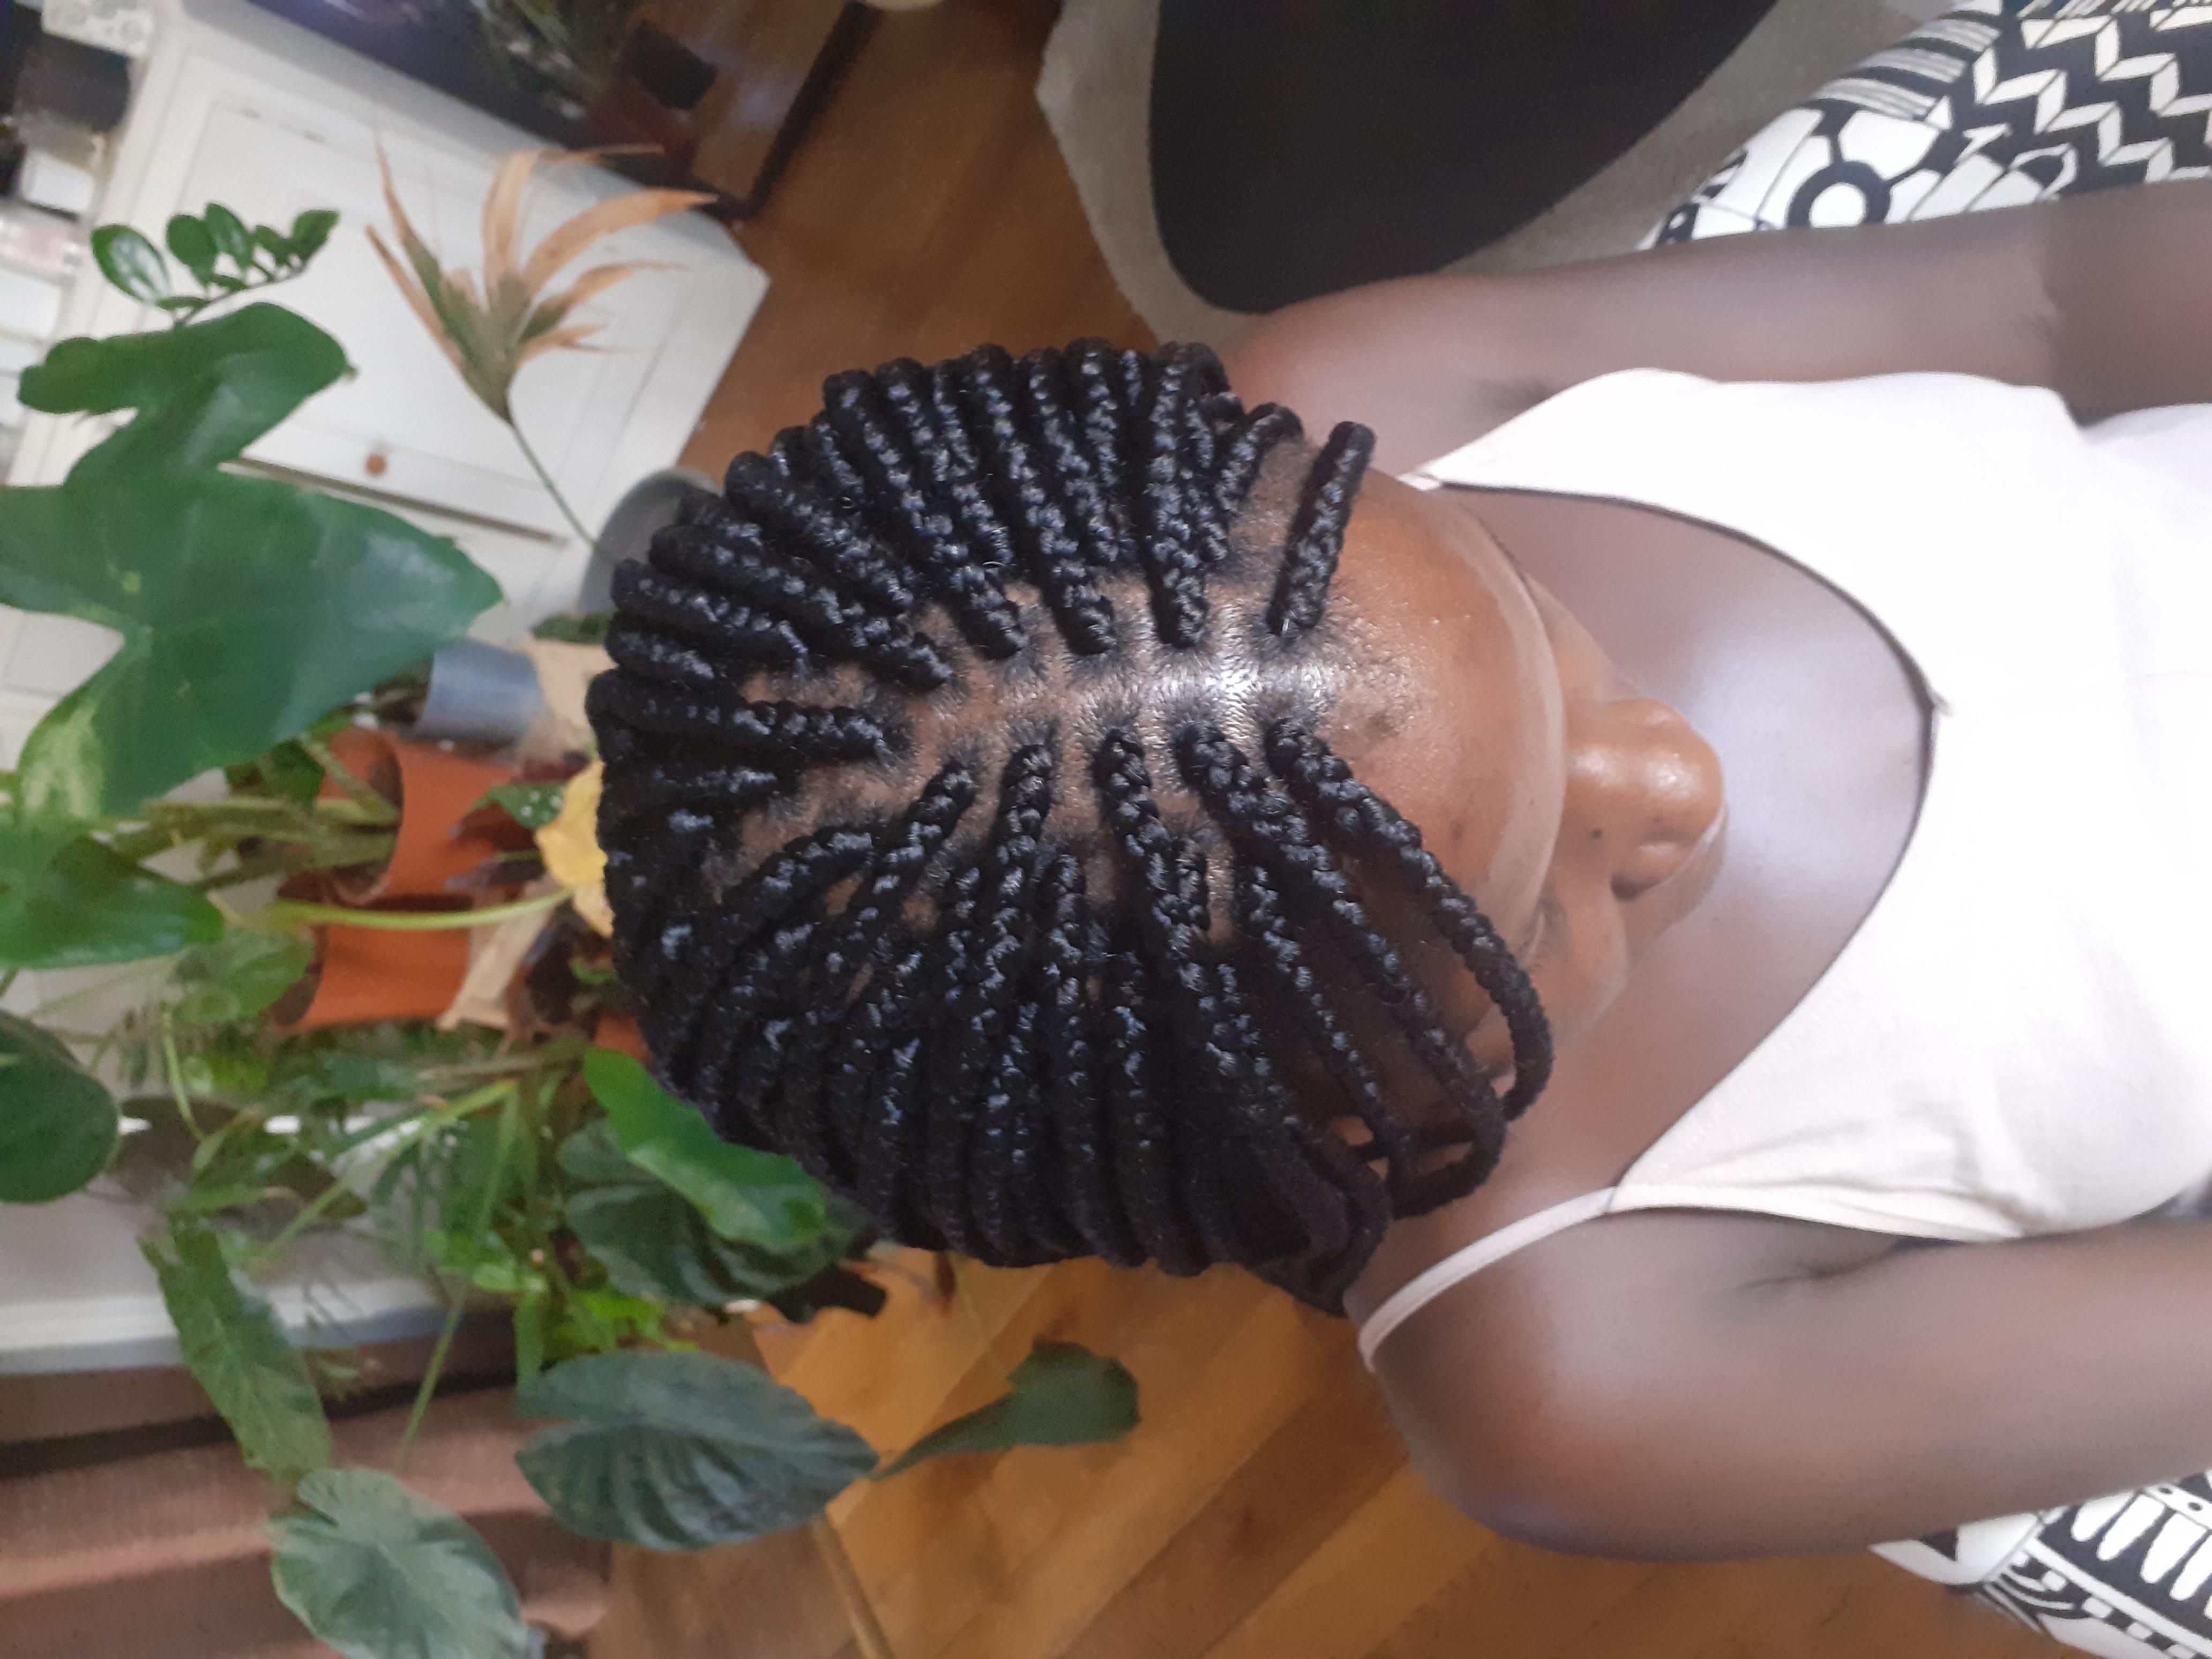 salon de coiffure afro tresse tresses box braids crochet braids vanilles tissages paris 75 77 78 91 92 93 94 95 ZLXSXPZG